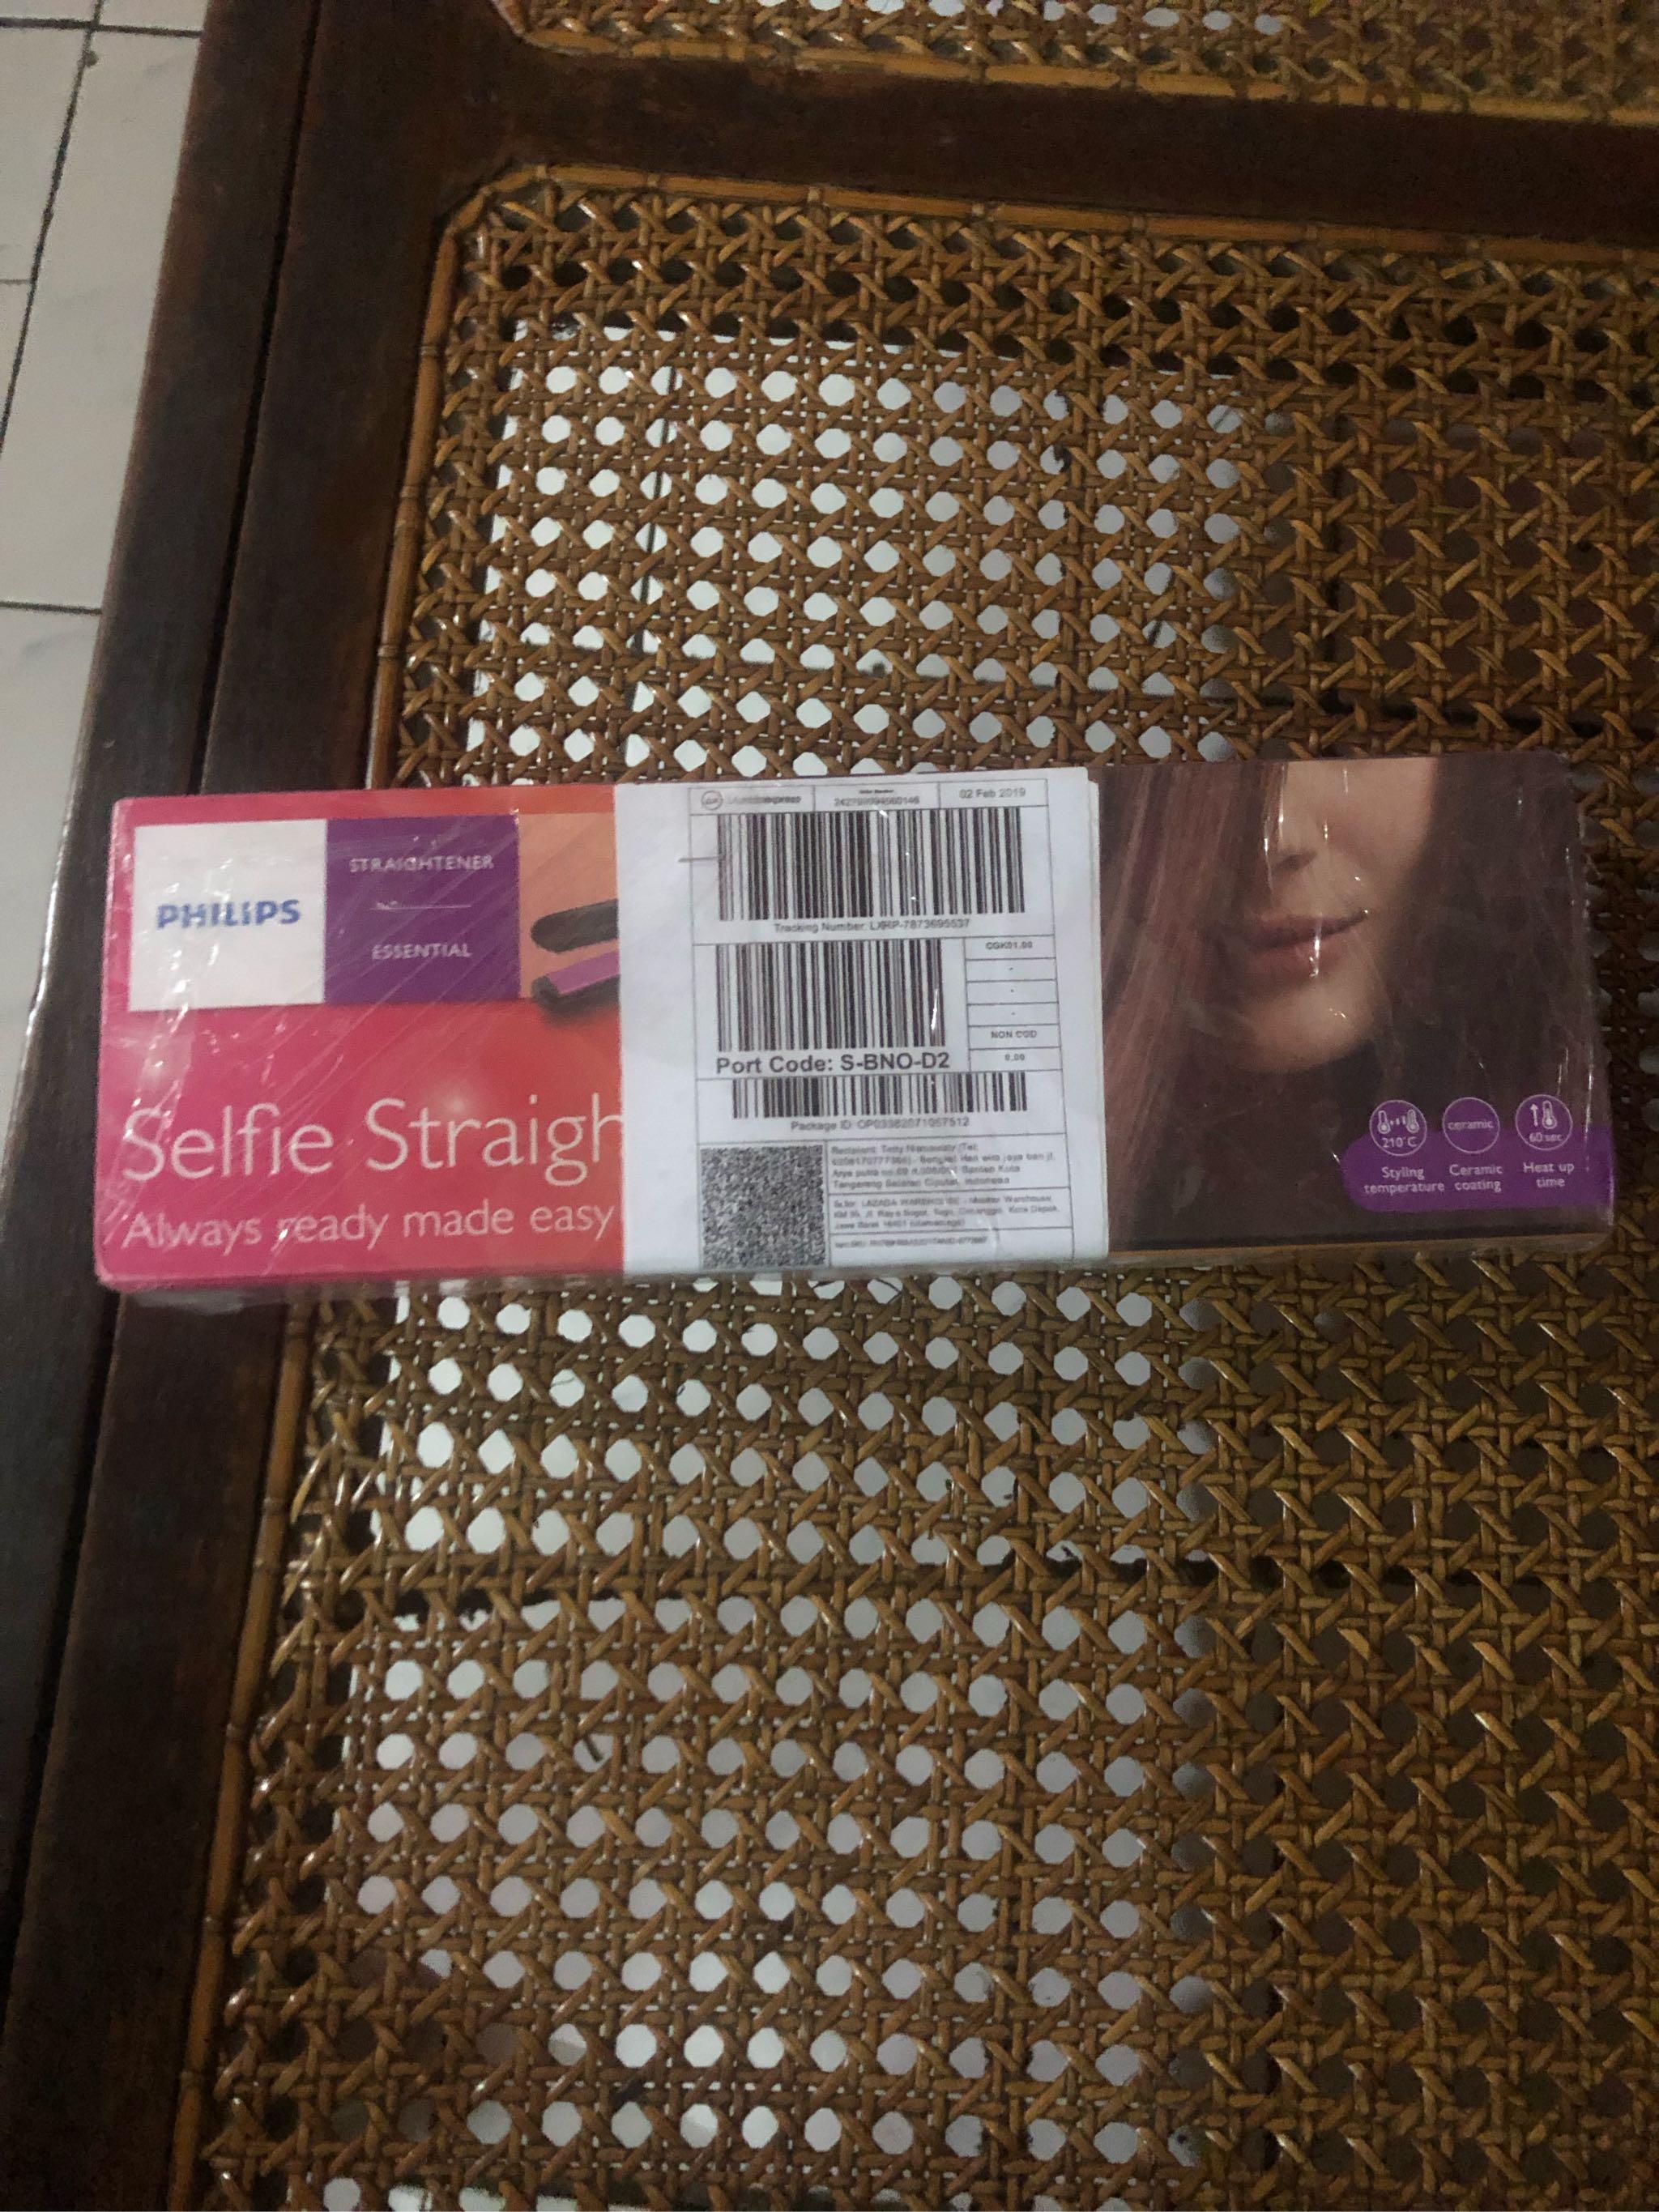 Philips HP 8302 00 Hair Straightener Alat Catok Rambut - Hitam Pink  d19933348f